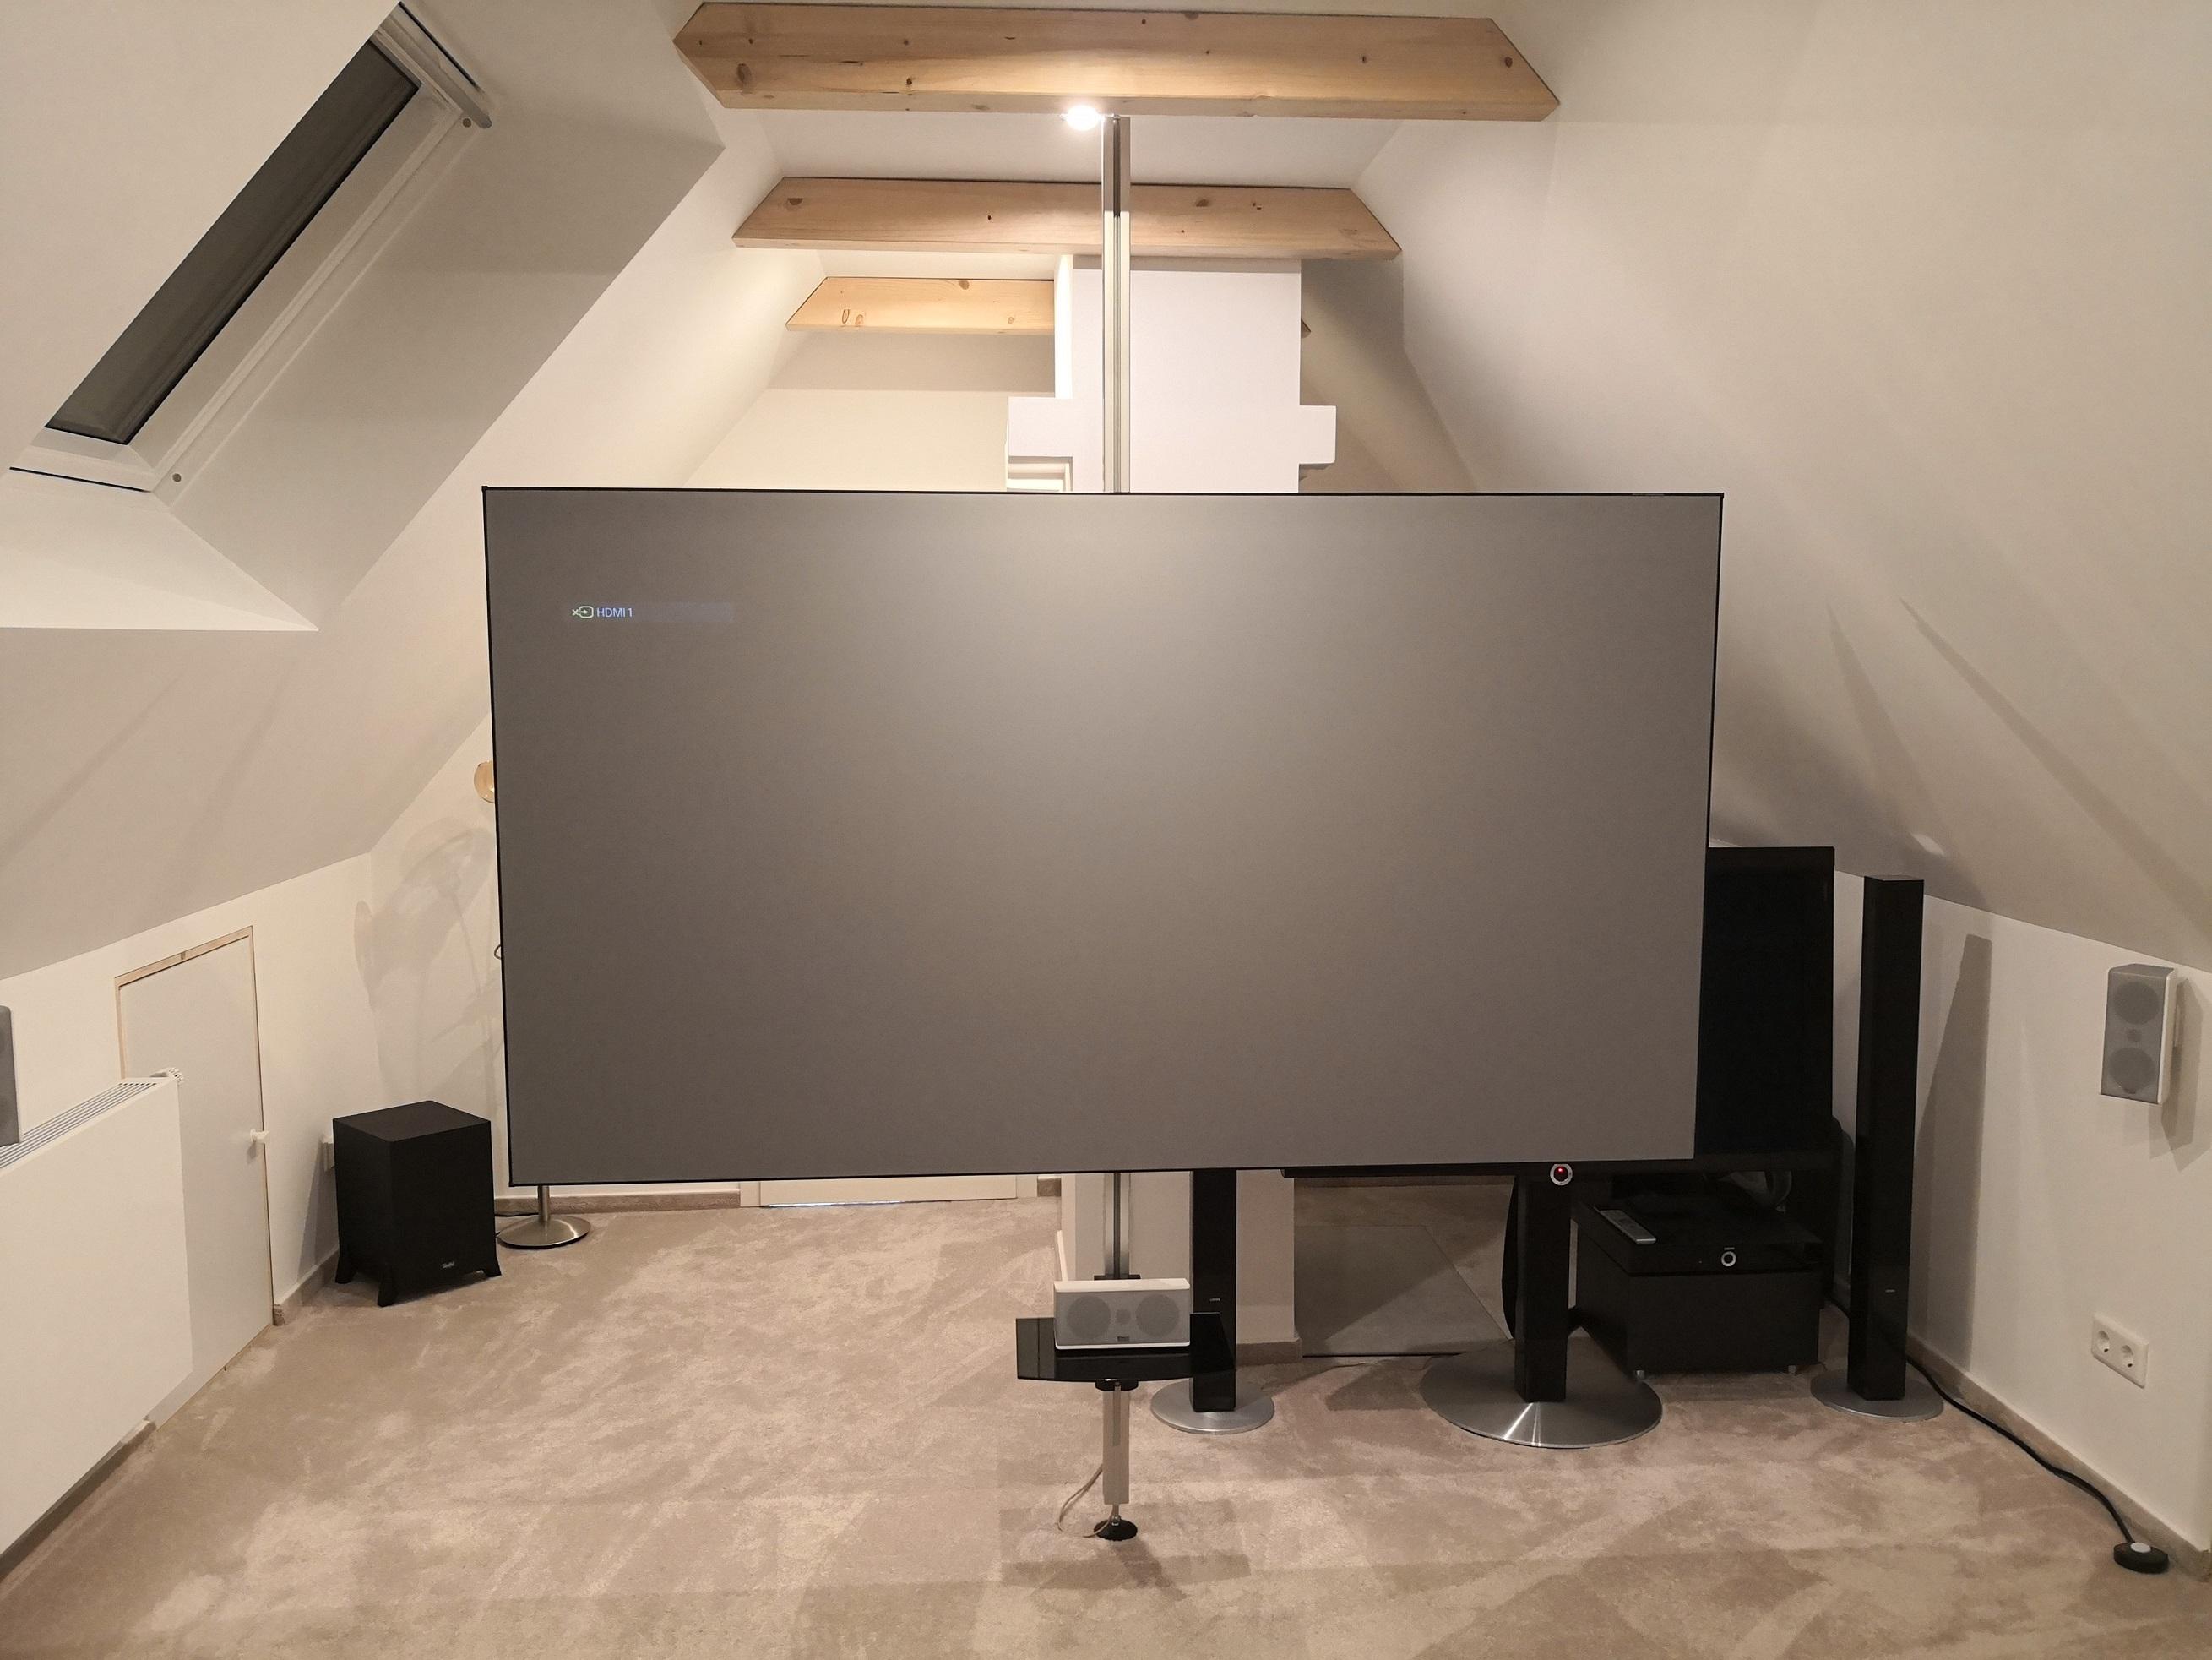 Tv Stangen Tv Halterungen Aufstehhilfen Boden Decken Stangen Tv